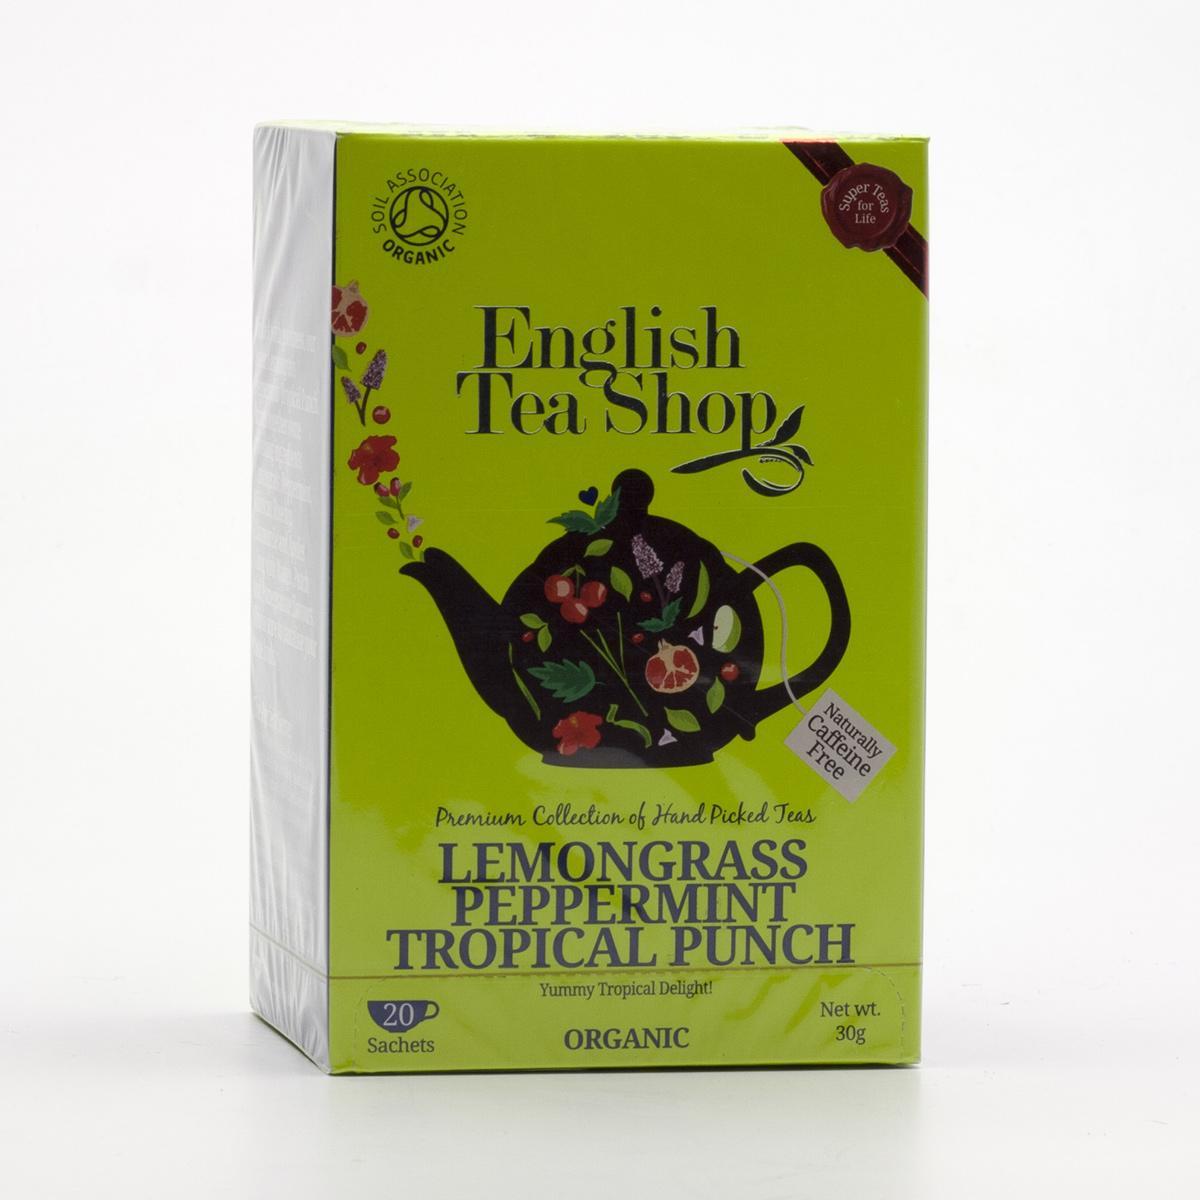 English Tea Shop Štěstí z citronové trávy, máty a tropického ovoce 20 ks, 30 g